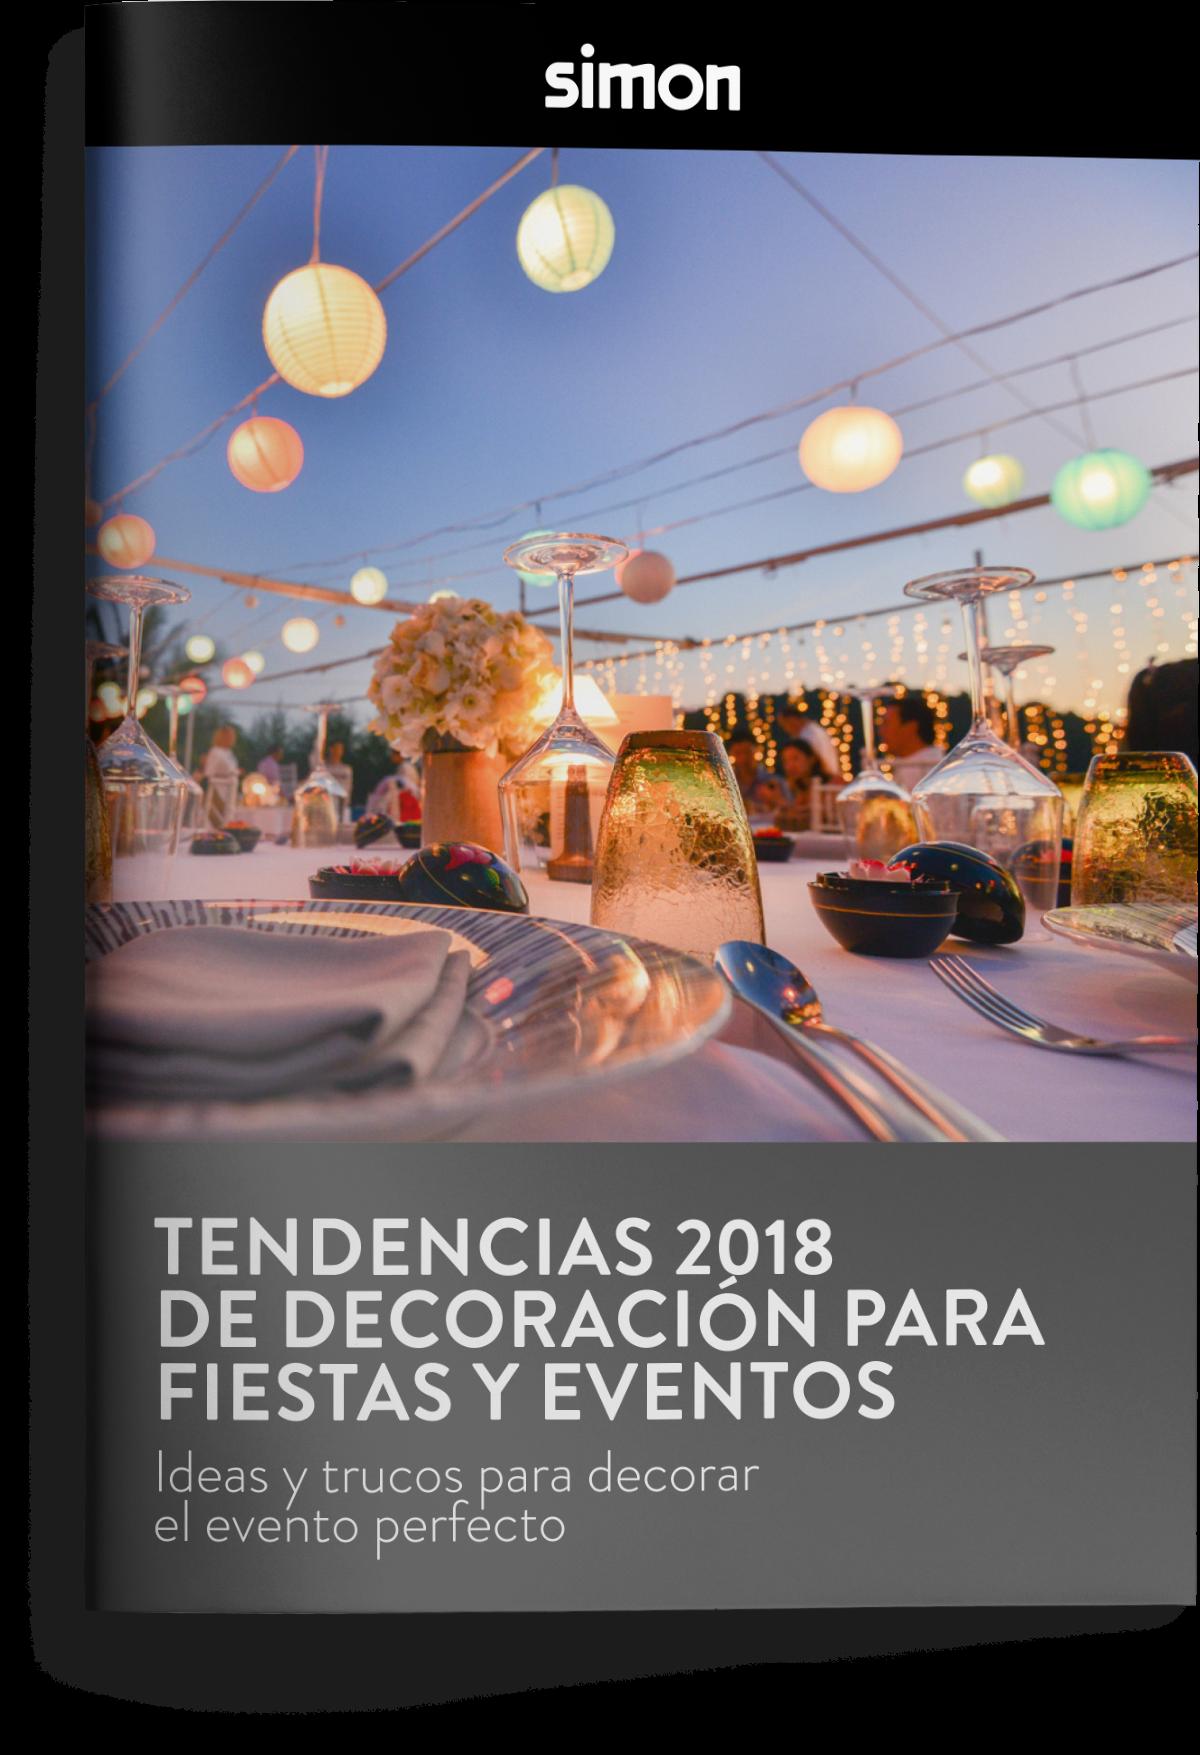 Decoracion fiestas y eventos